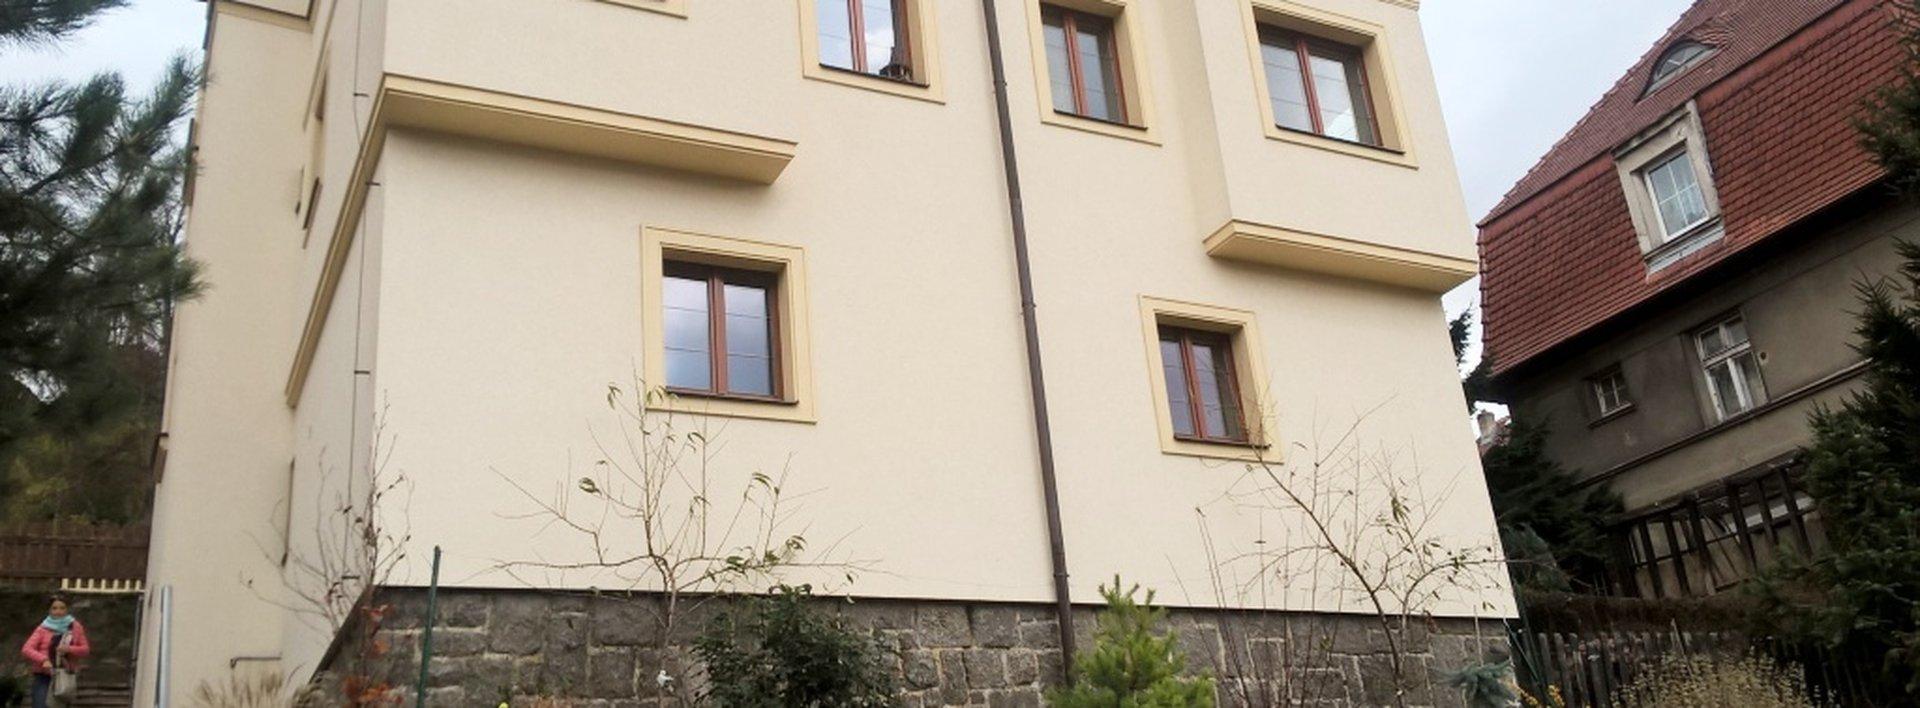 Pronájem příjemného rekonstruovaného bytu 2+kk v rodinném domě, Ev.č.: N47493